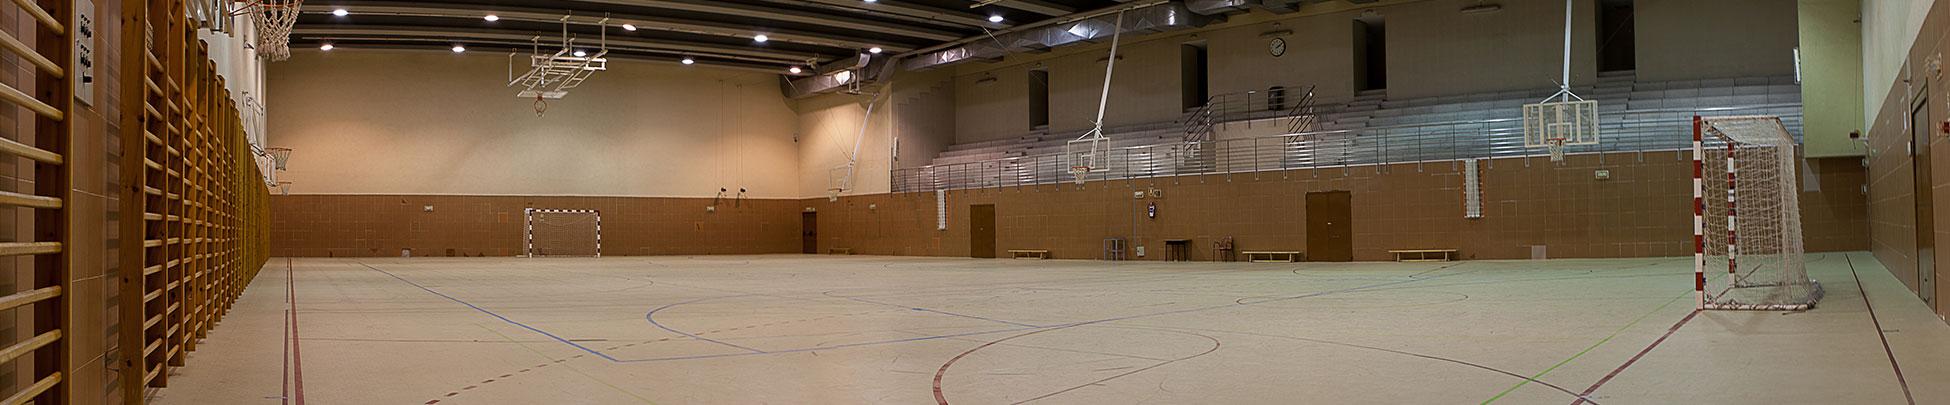 campo-futbol-sala-baloncesto-voleibol-centro-deportivo-el-pilar